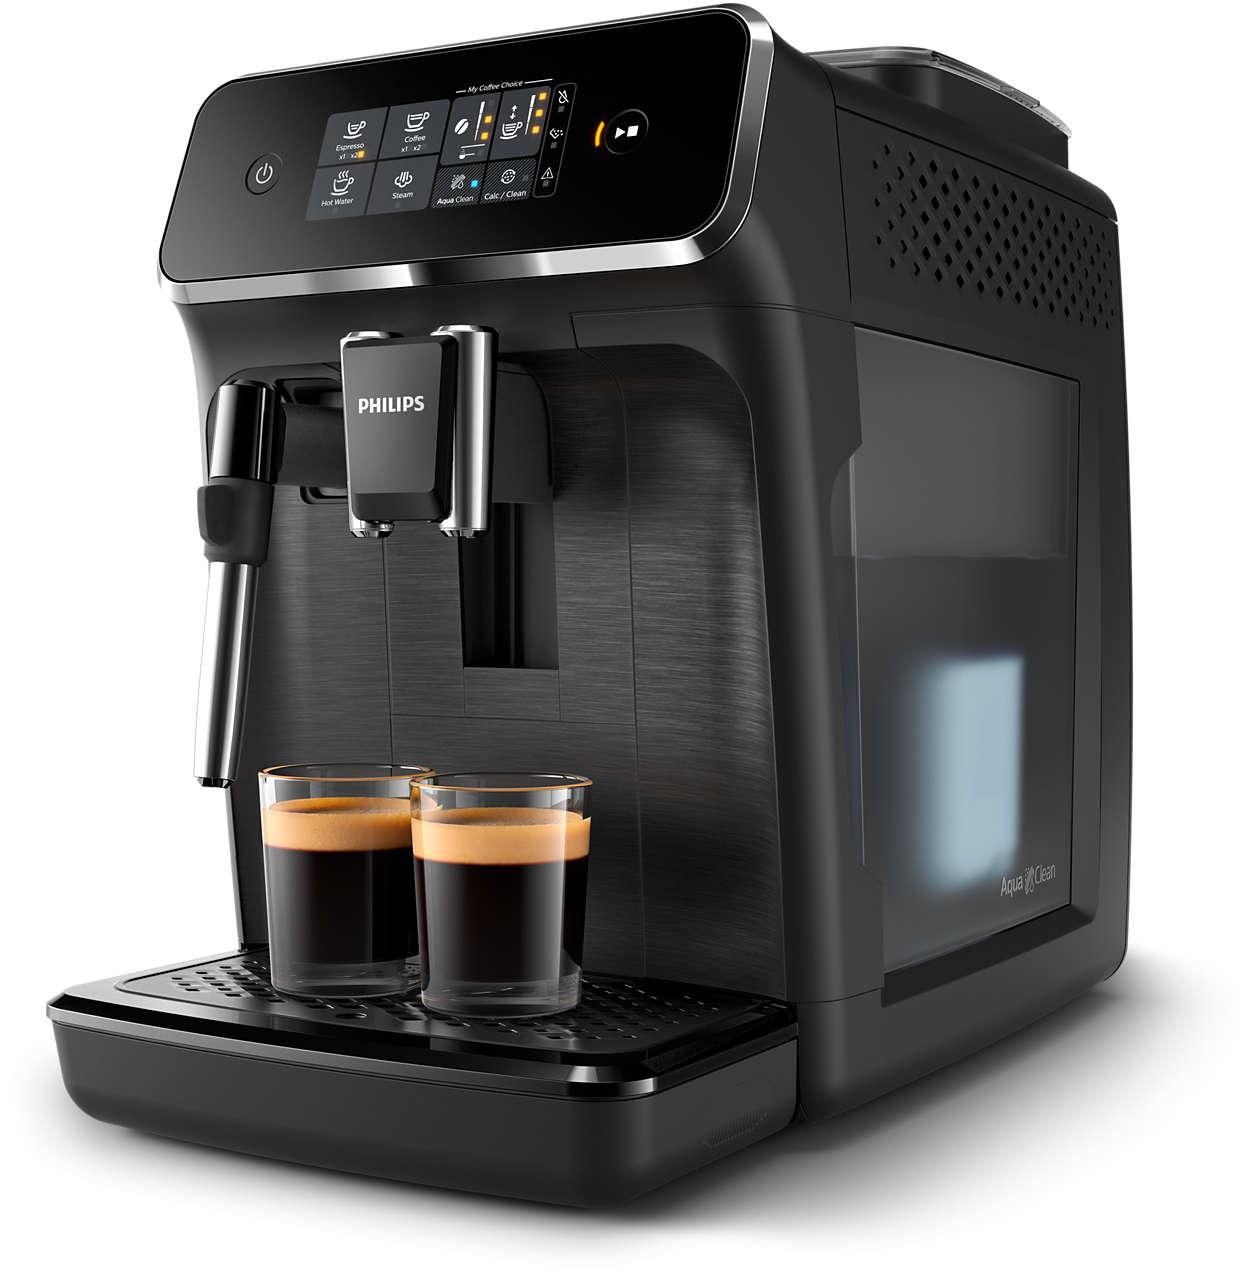 ชงกาแฟจากเมล็ดกาแฟสดแสนอร่อยทั้ง 2 แบบได้อย่างง่ายดาย